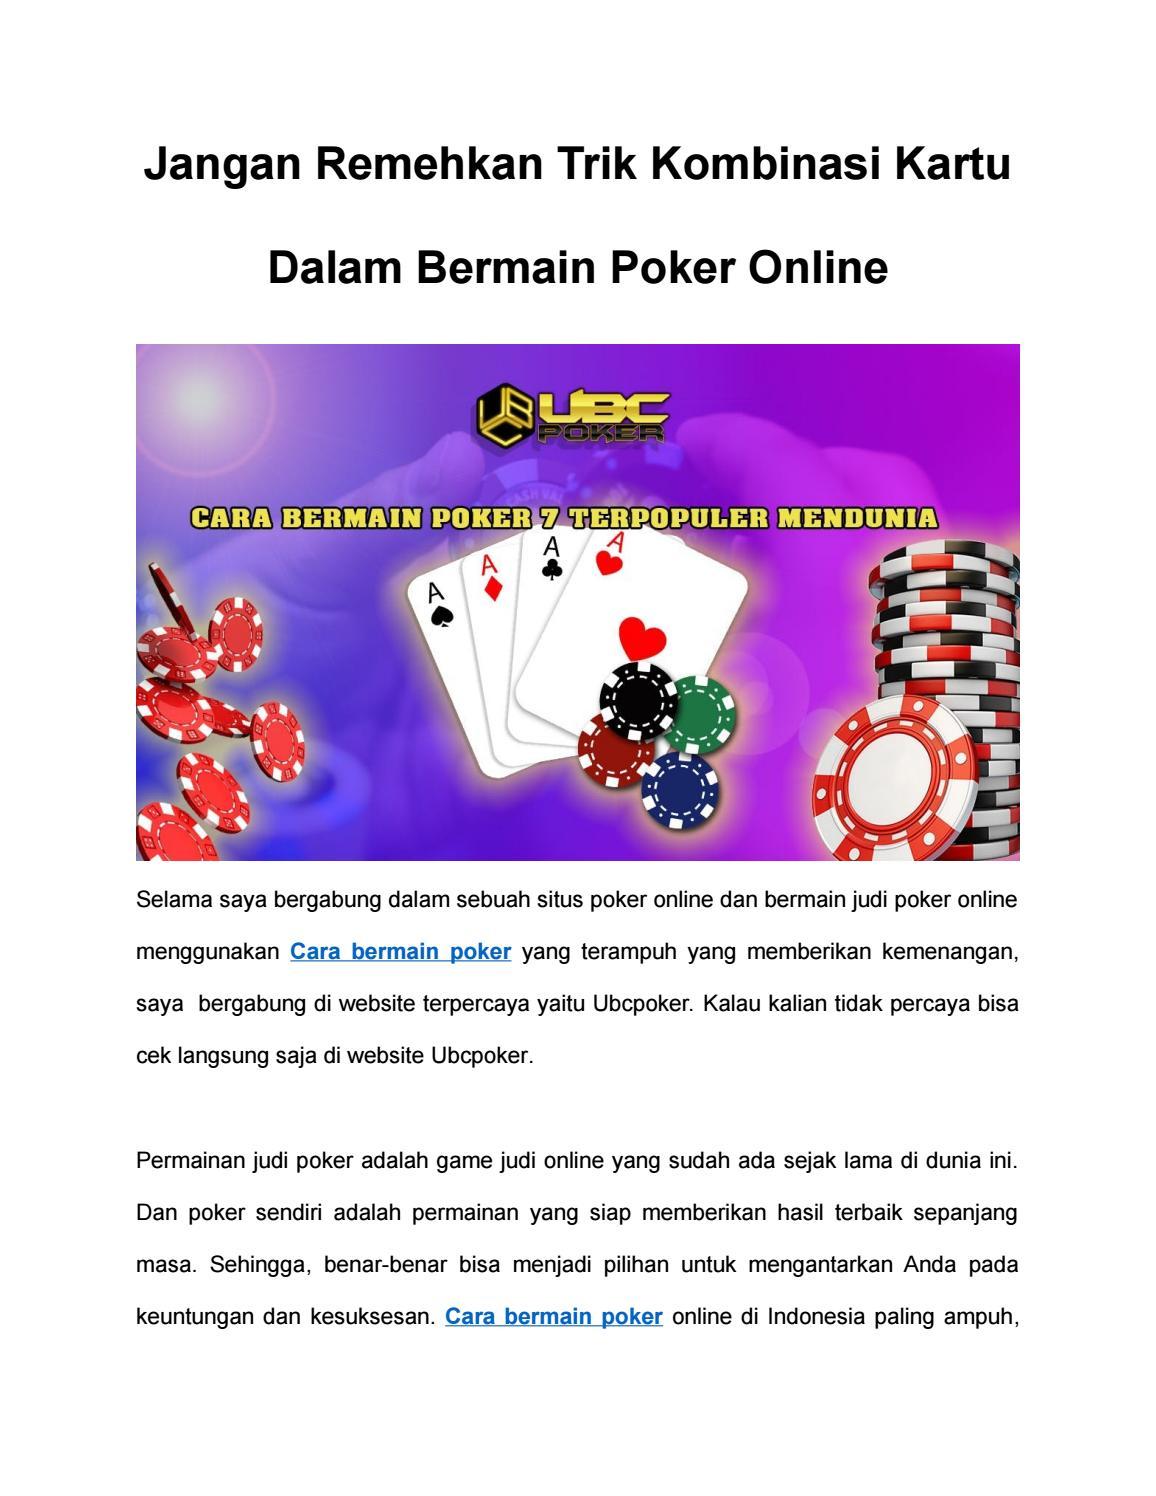 Jangan Remehkan Trik Kombinasi Kartu Dalam Bermain Poker Online By Kanlah Kanleh Issuu